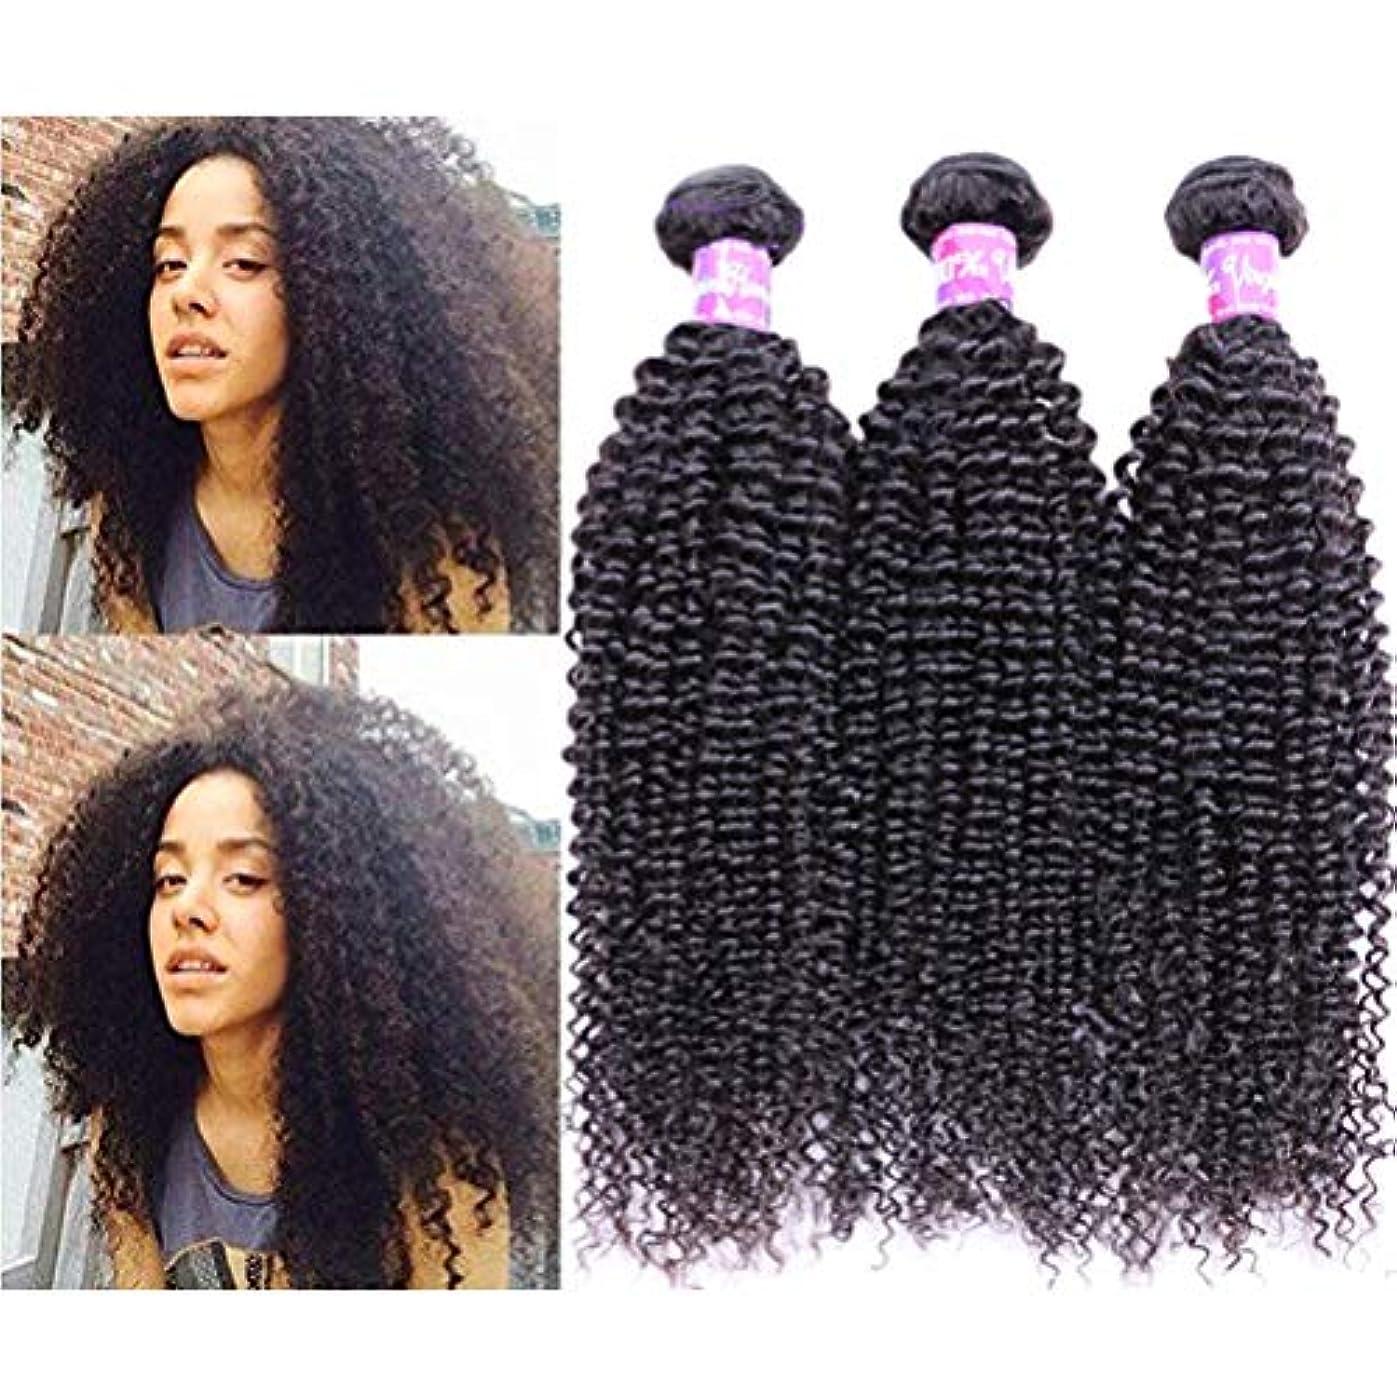 マディソングラム移動女性の髪織り未処理のブラジルの深い巻き毛の束本物の人間の髪の束バージンブラジルの髪の束